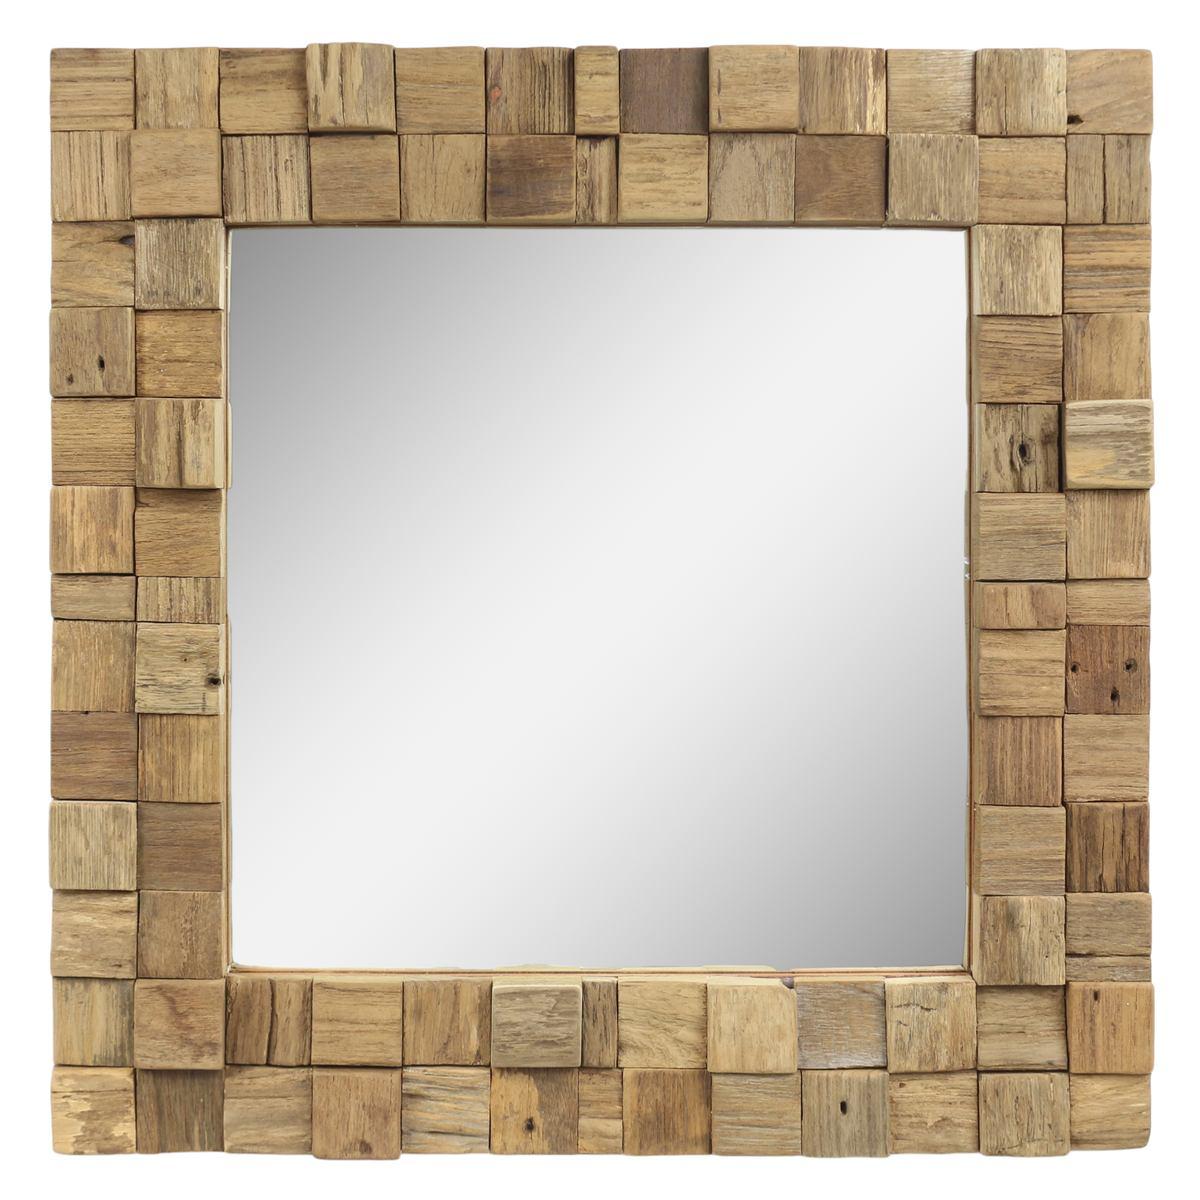 Dekorativer Spiegel mit Holzrahmen Mosaik Quadratisch Wandspiegel aus  Thailand Massiv Würfel Holz-Spiegel ca. 5 x 5 cm Nr. 5  Oriental Galerie